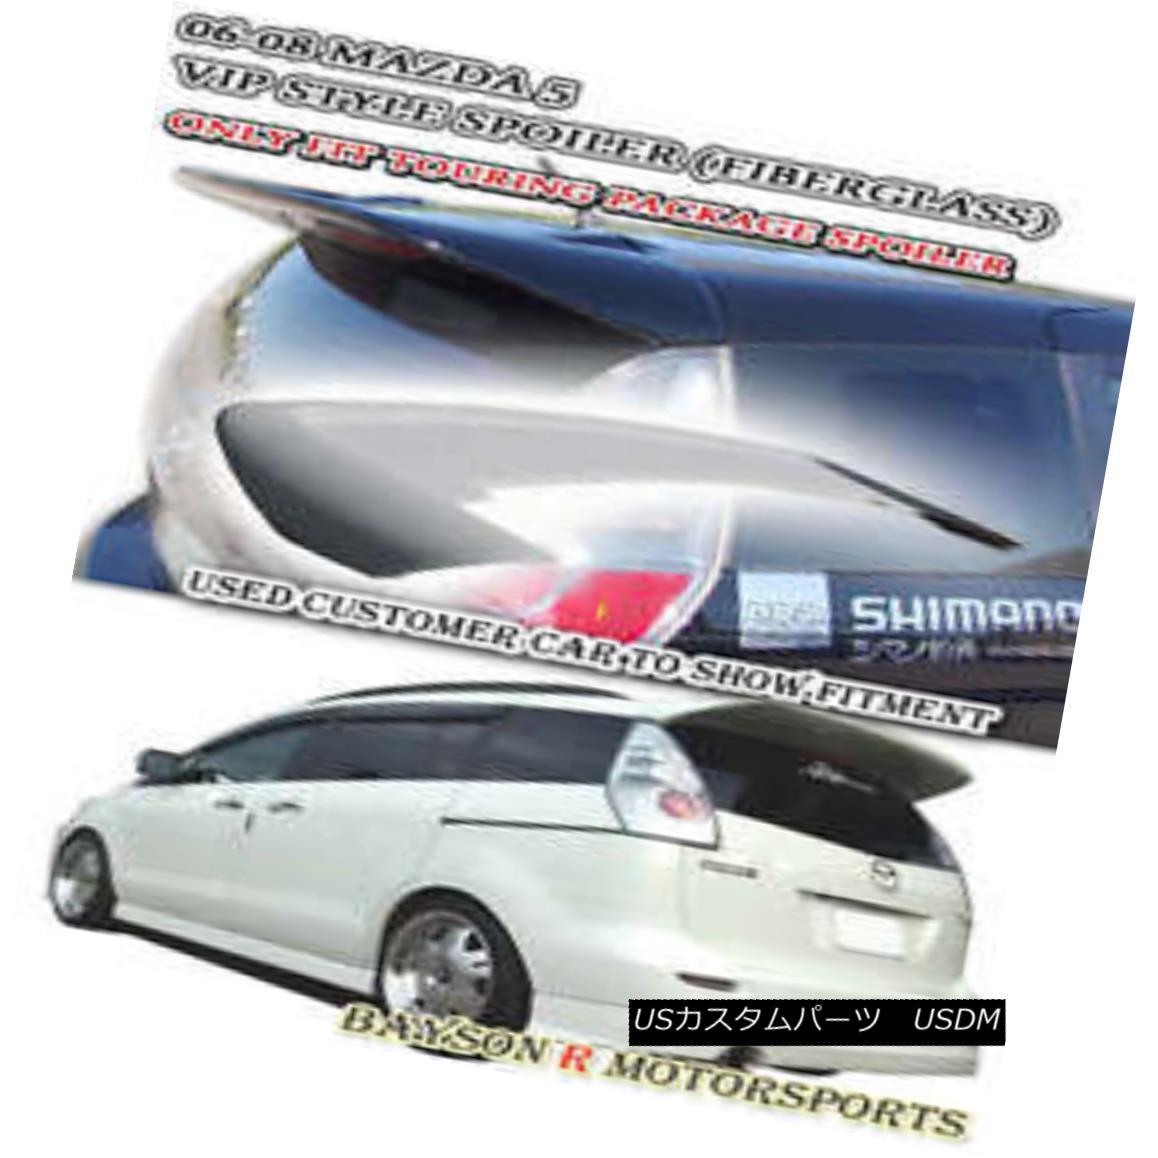 <title>車用品 バイク用品 >> パーツ 外装 エアロパーツ オンラインショップ リアスポイラー VIP Grand Touring Rear Roof Spoiler Wing Fits 06-10 Mazda 5 Touringリアルーフスポイラーウイングフィット06-10マツダ5</title>